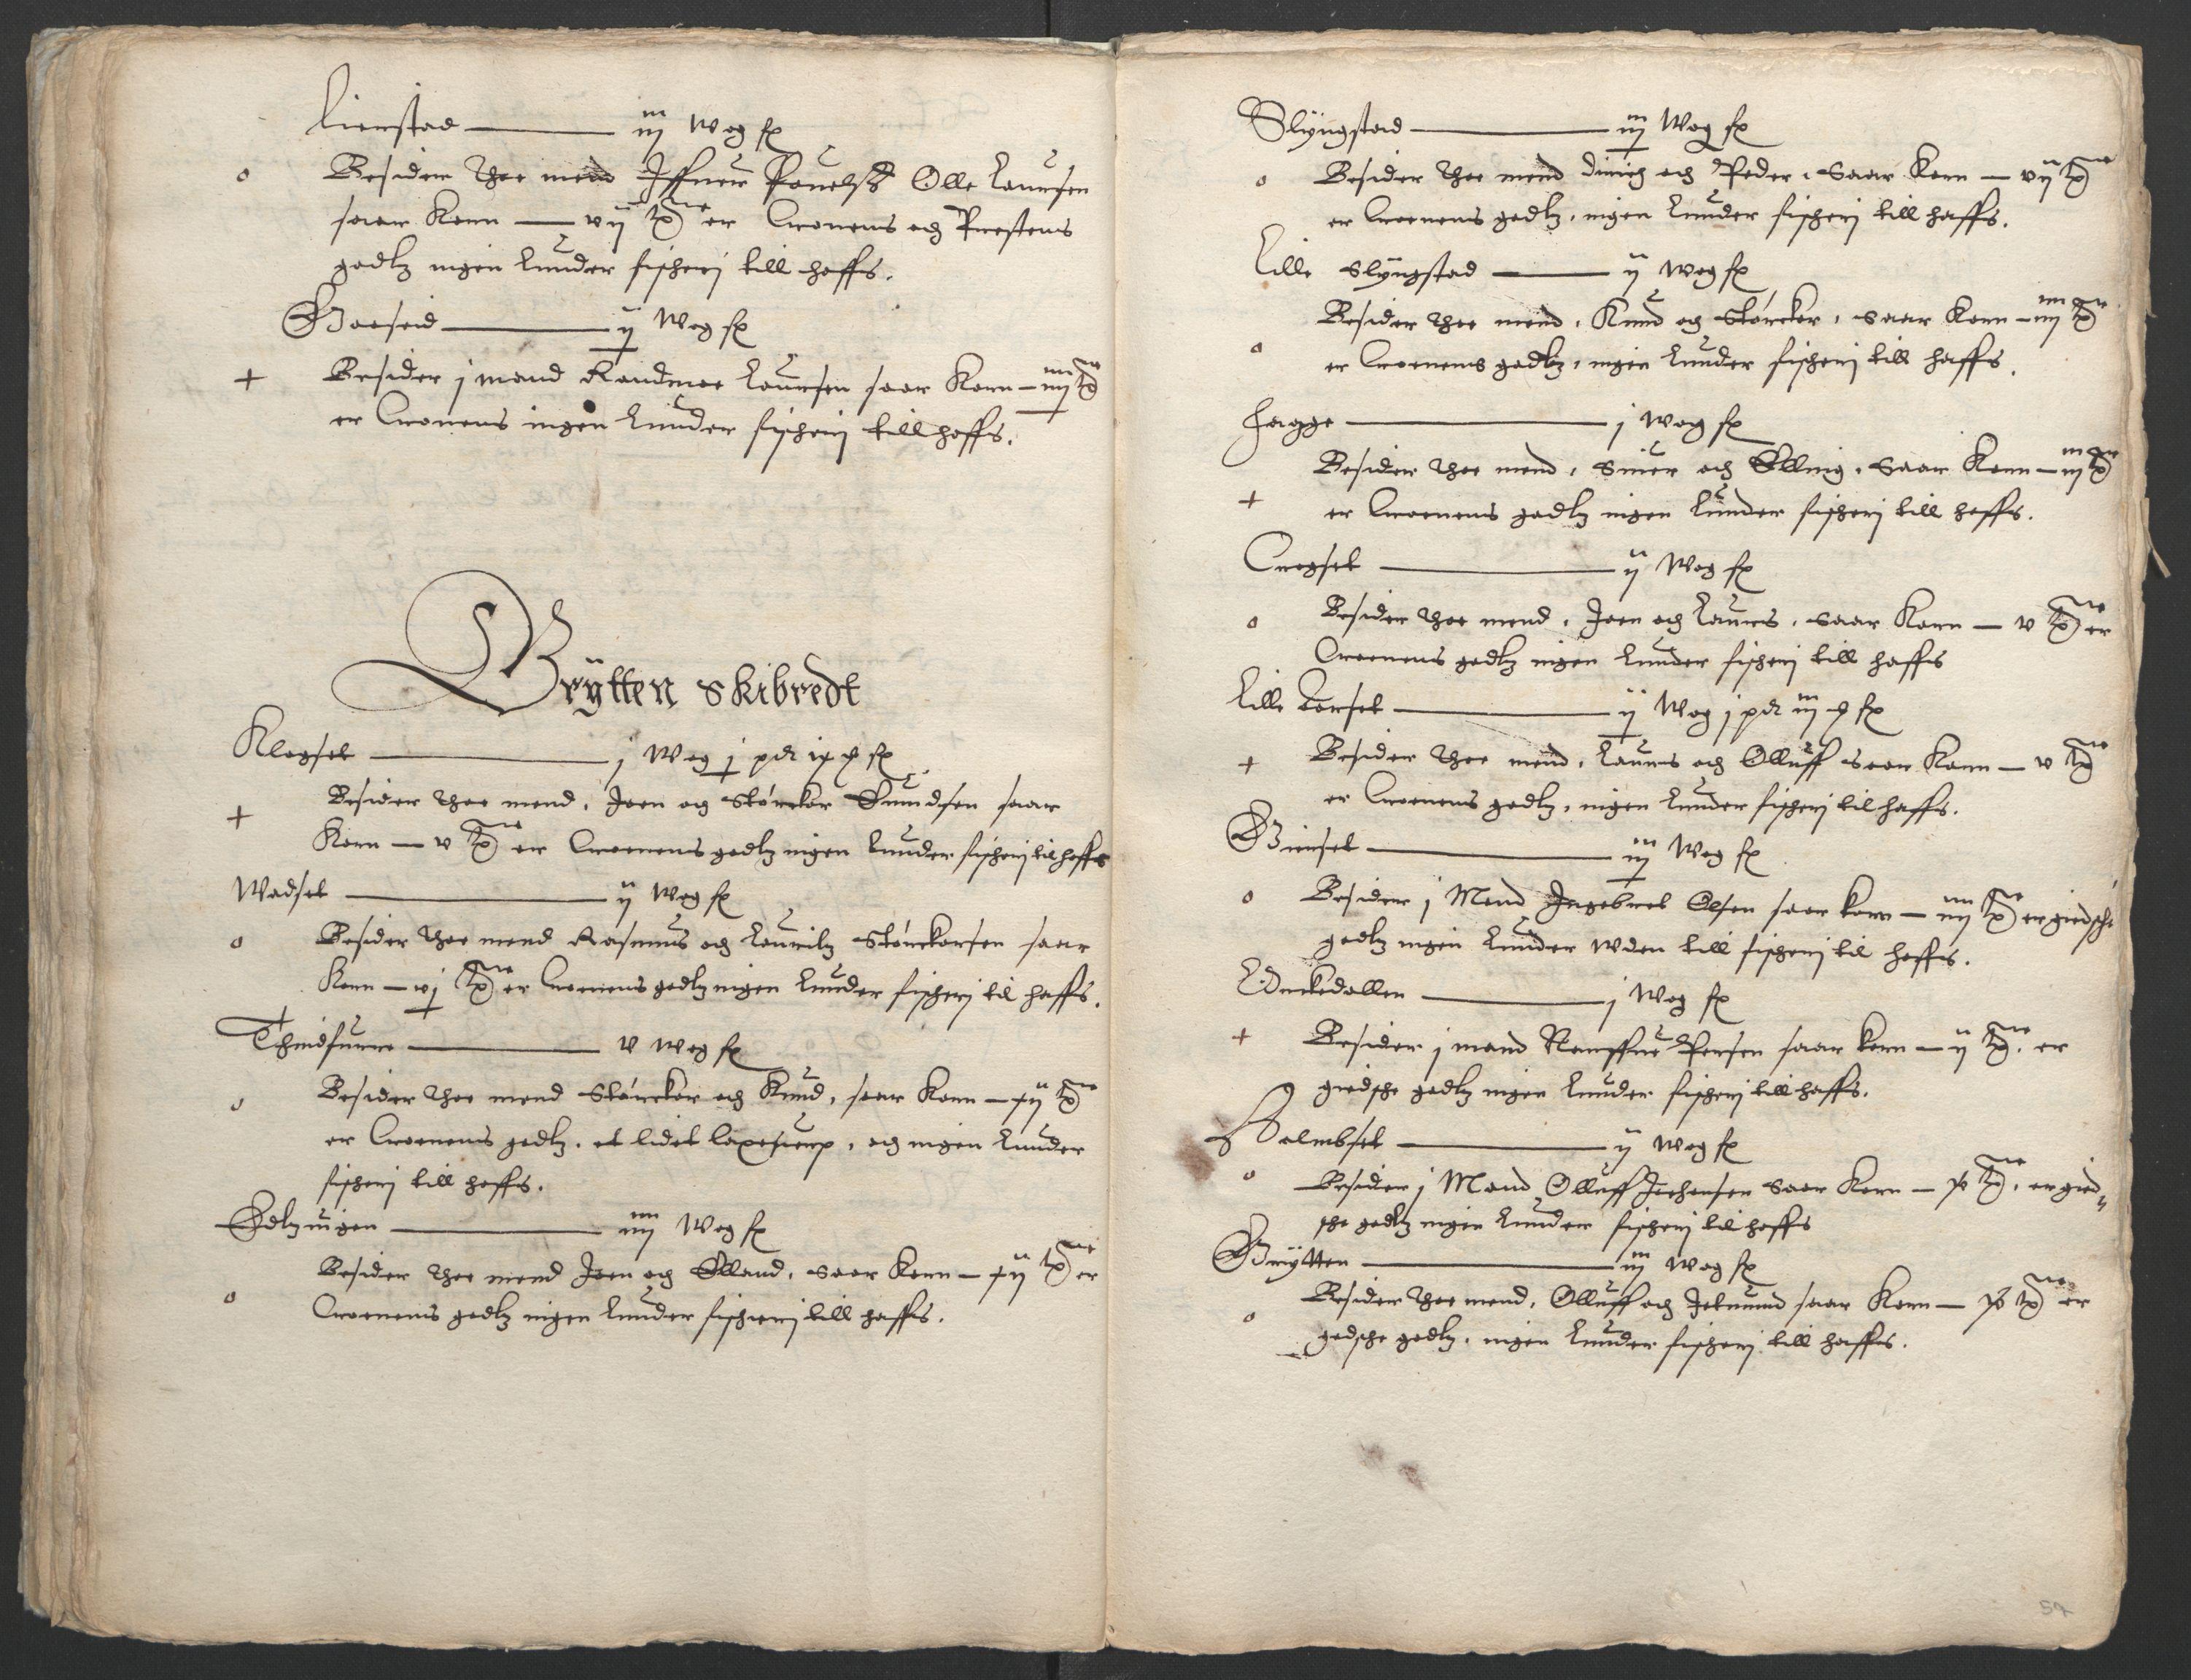 RA, Stattholderembetet 1572-1771, Ek/L0005: Jordebøker til utlikning av garnisonsskatt 1624-1626:, 1626, s. 198